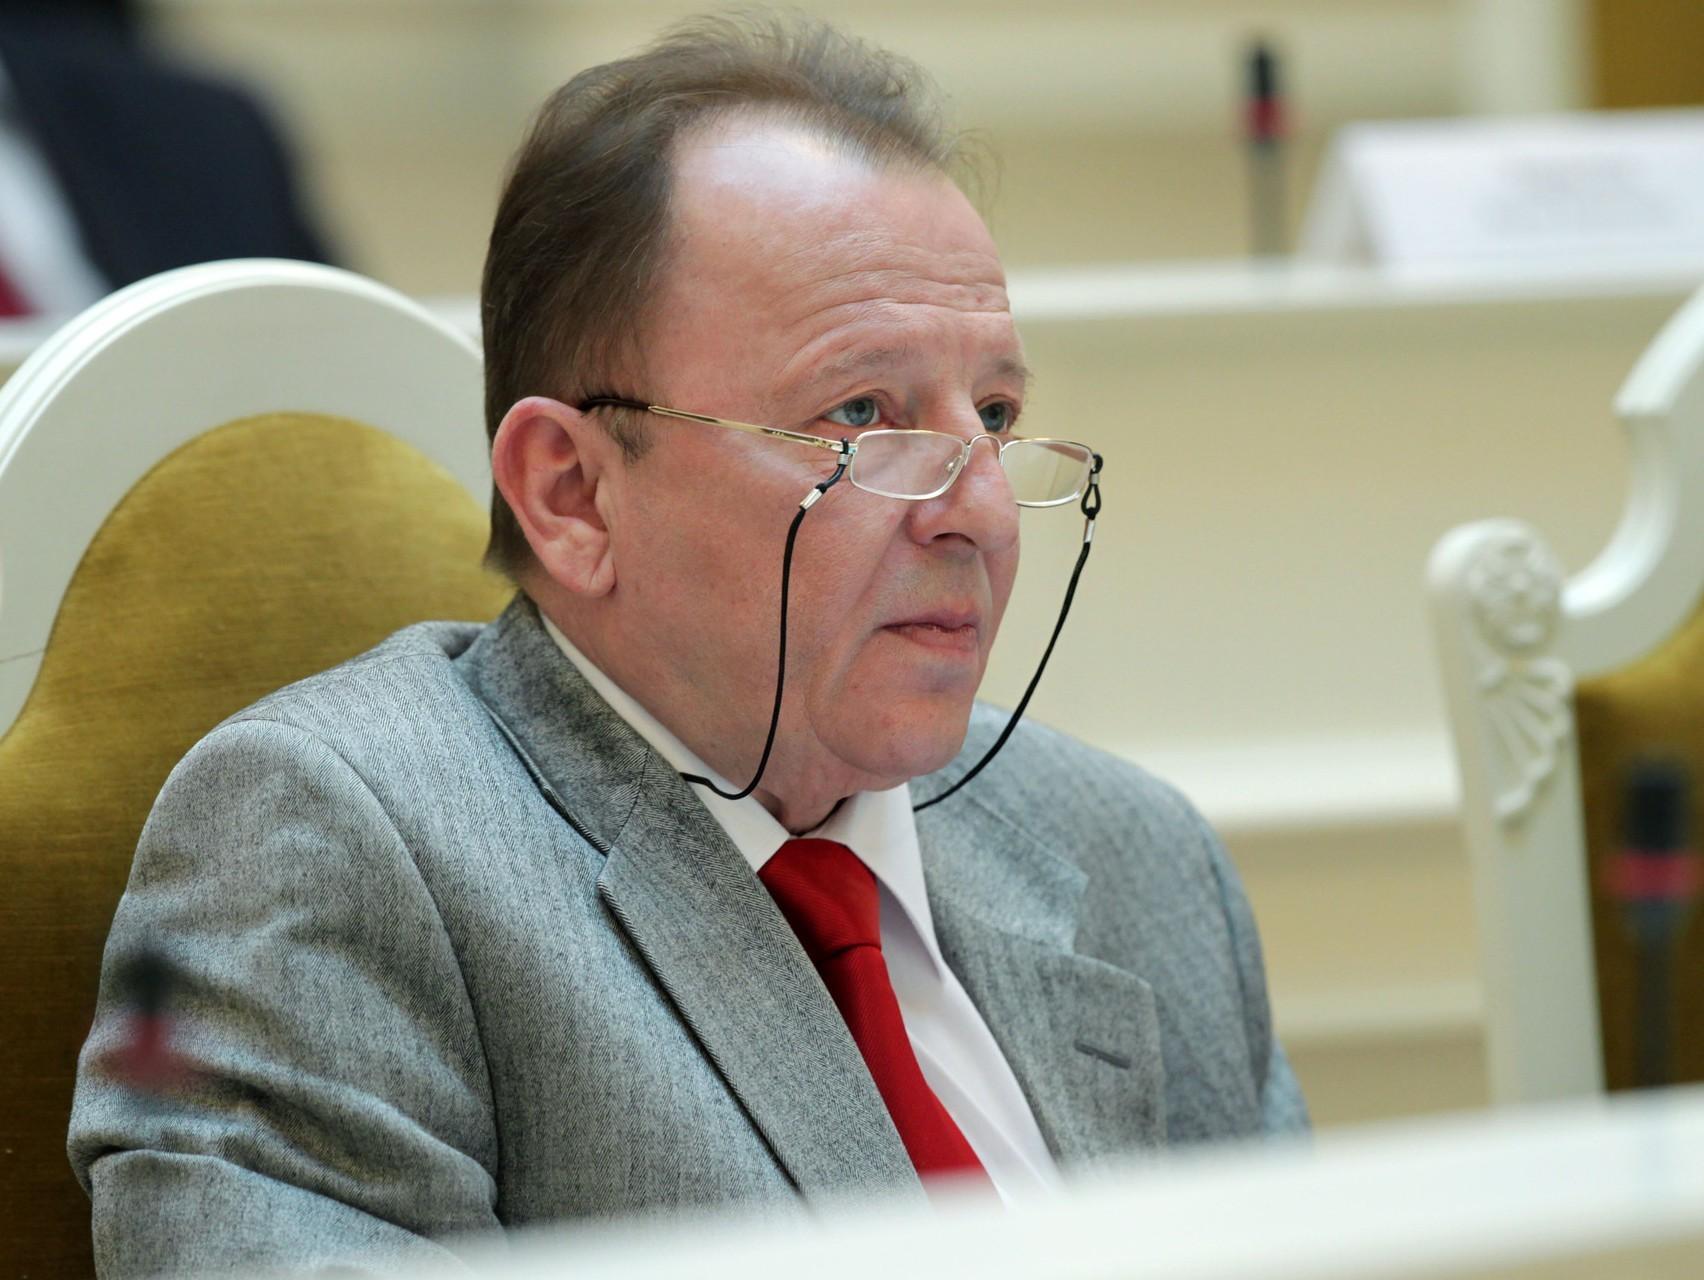 Руководитель стройфирмы «Воин-В» Глущенко признался вдаче взятки экс-депутату Нотягу